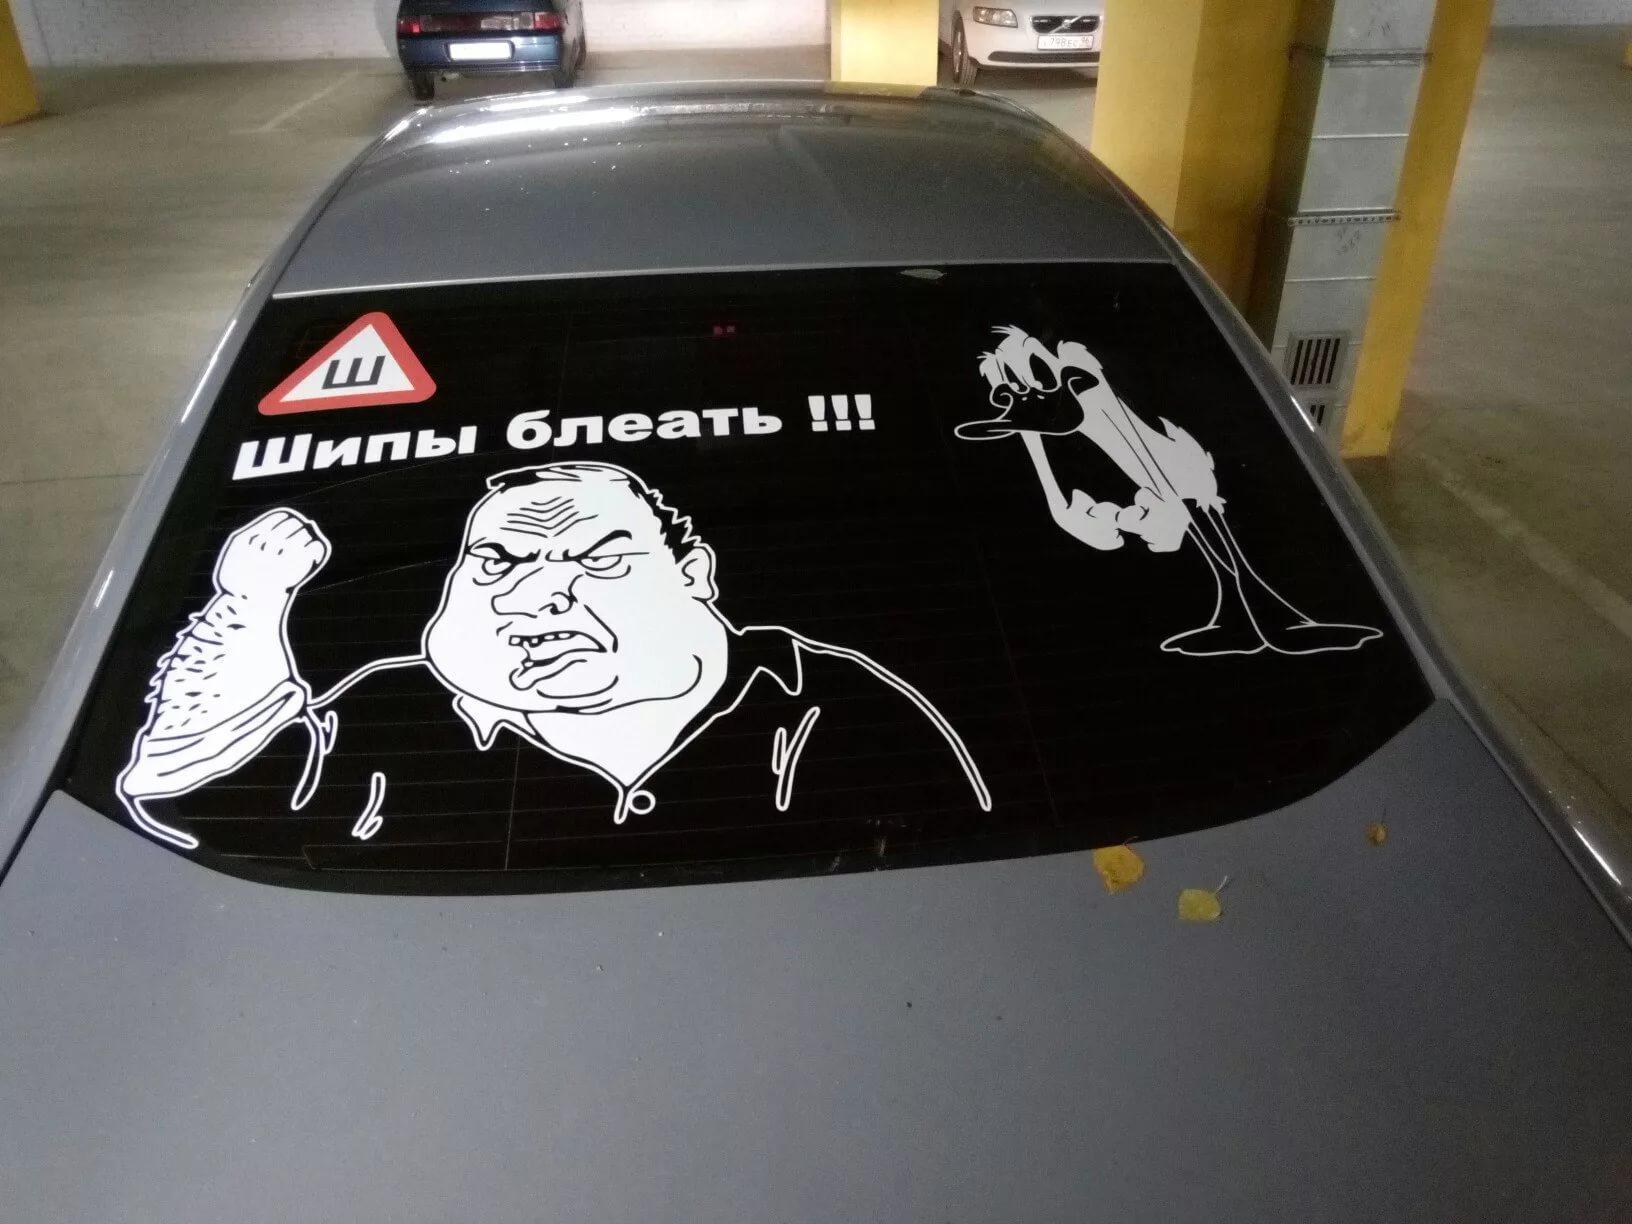 Прикольные картинки на стеклах авто, дню работников